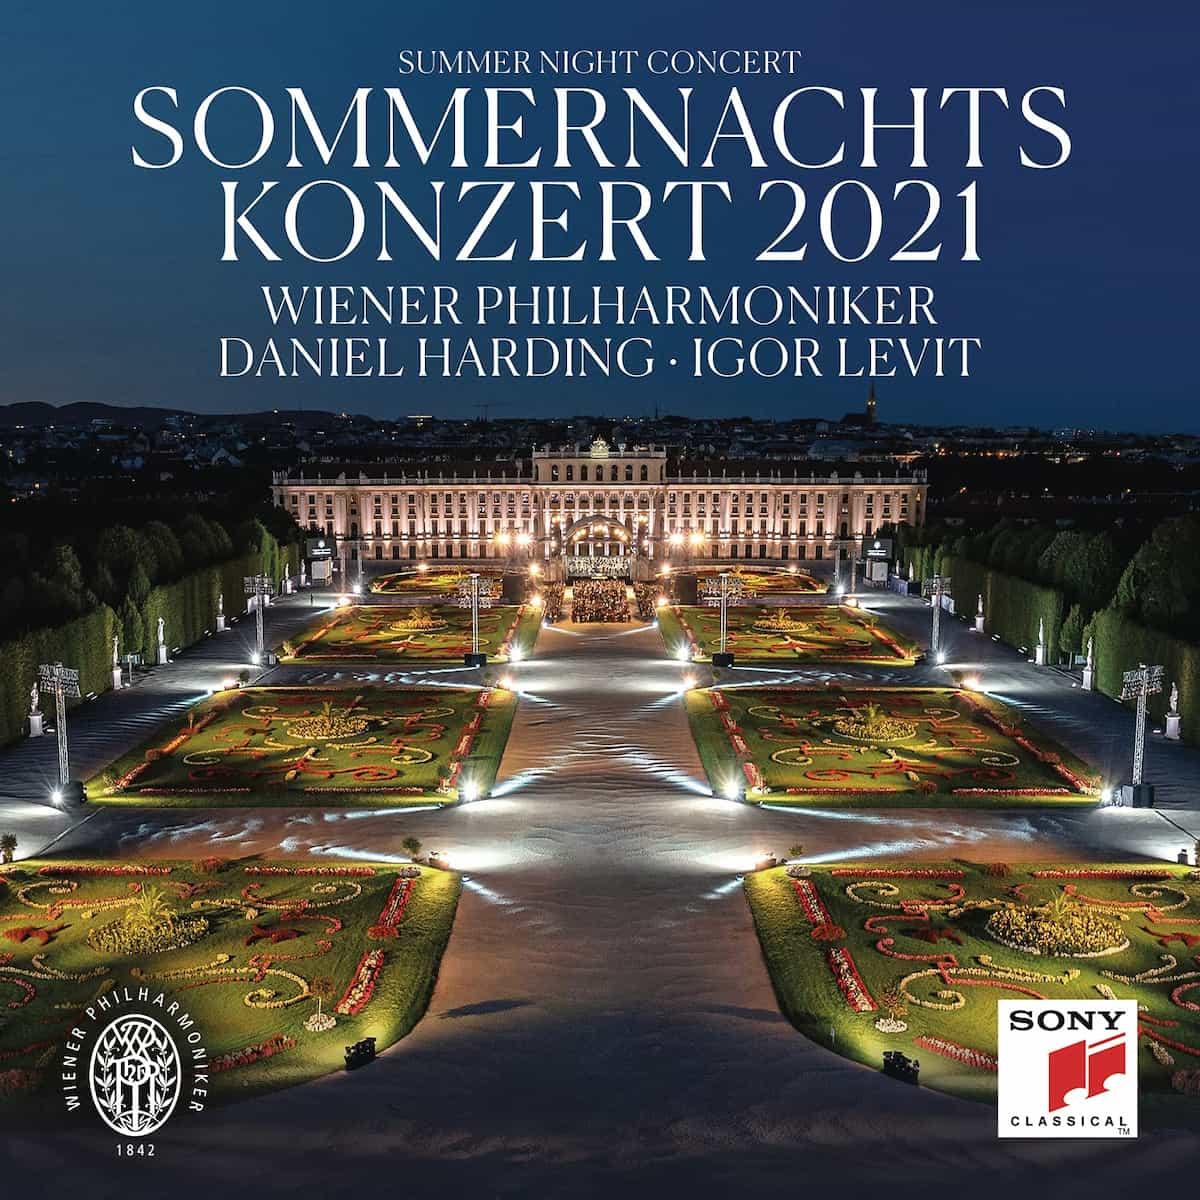 CD vom Sommernachtskonzert 2021 der Wiener Philharmoniker